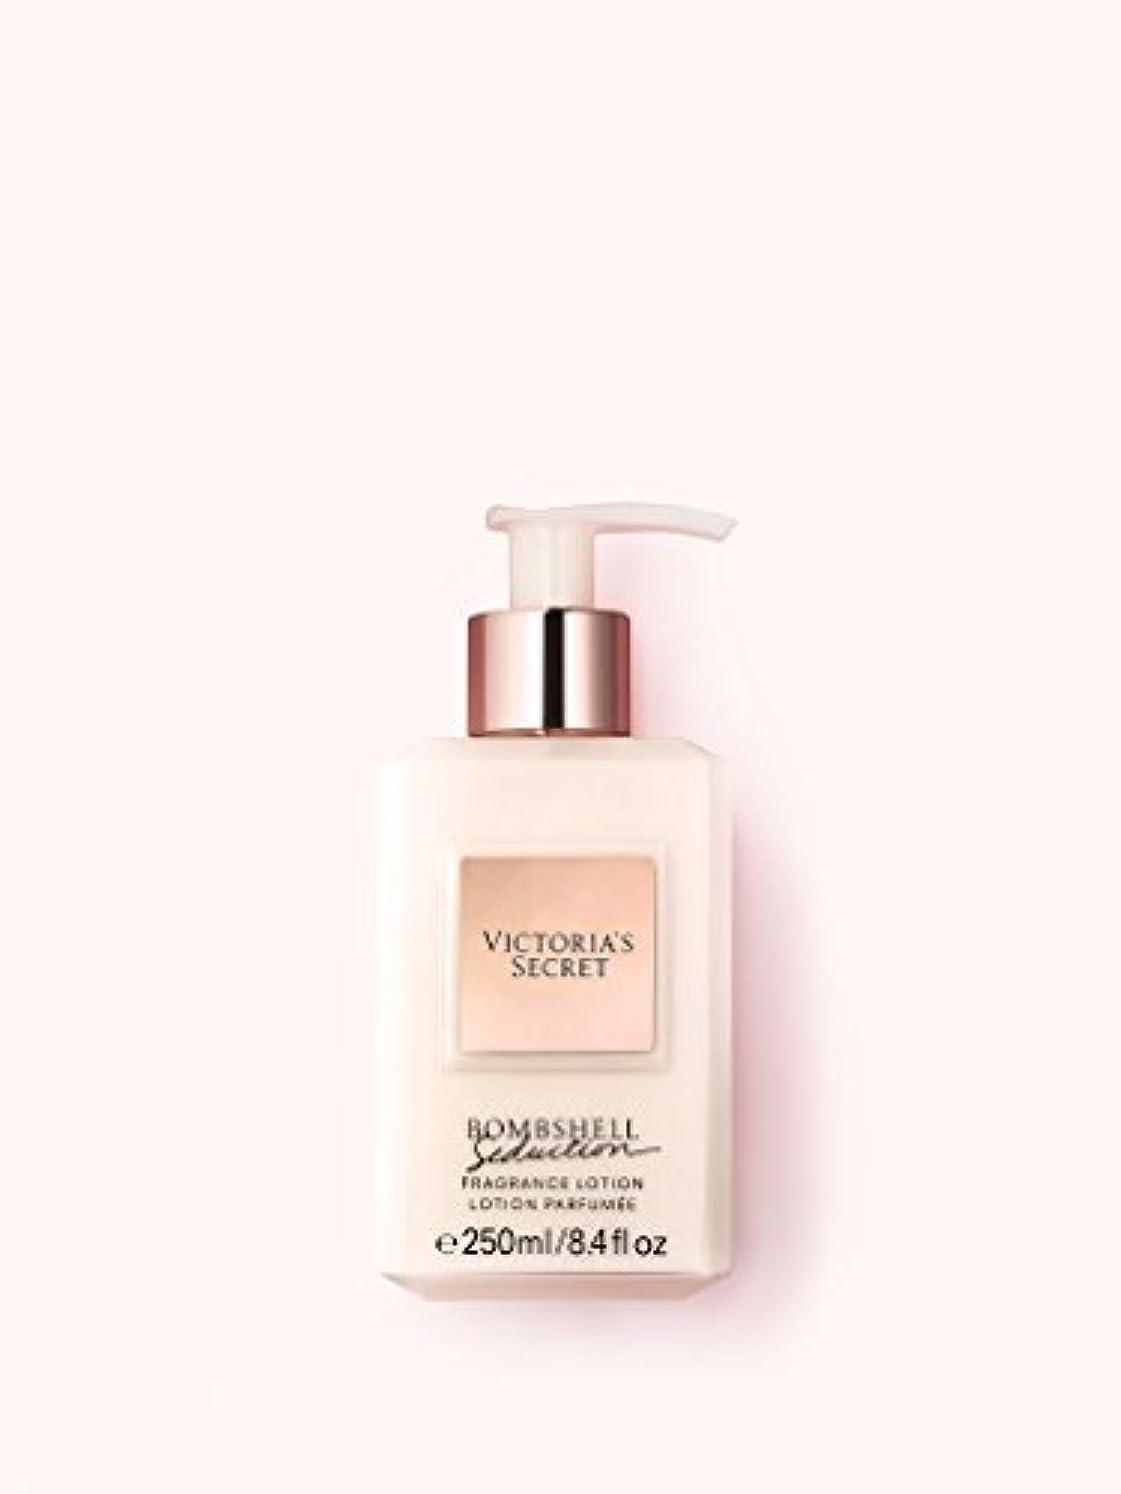 医学同盟彼らのもの【並行輸入品】Victoria's Secret Bombshell Seduction Fragrance Lotion ヴィクトリアズシークレットボムシェルセダクションローション